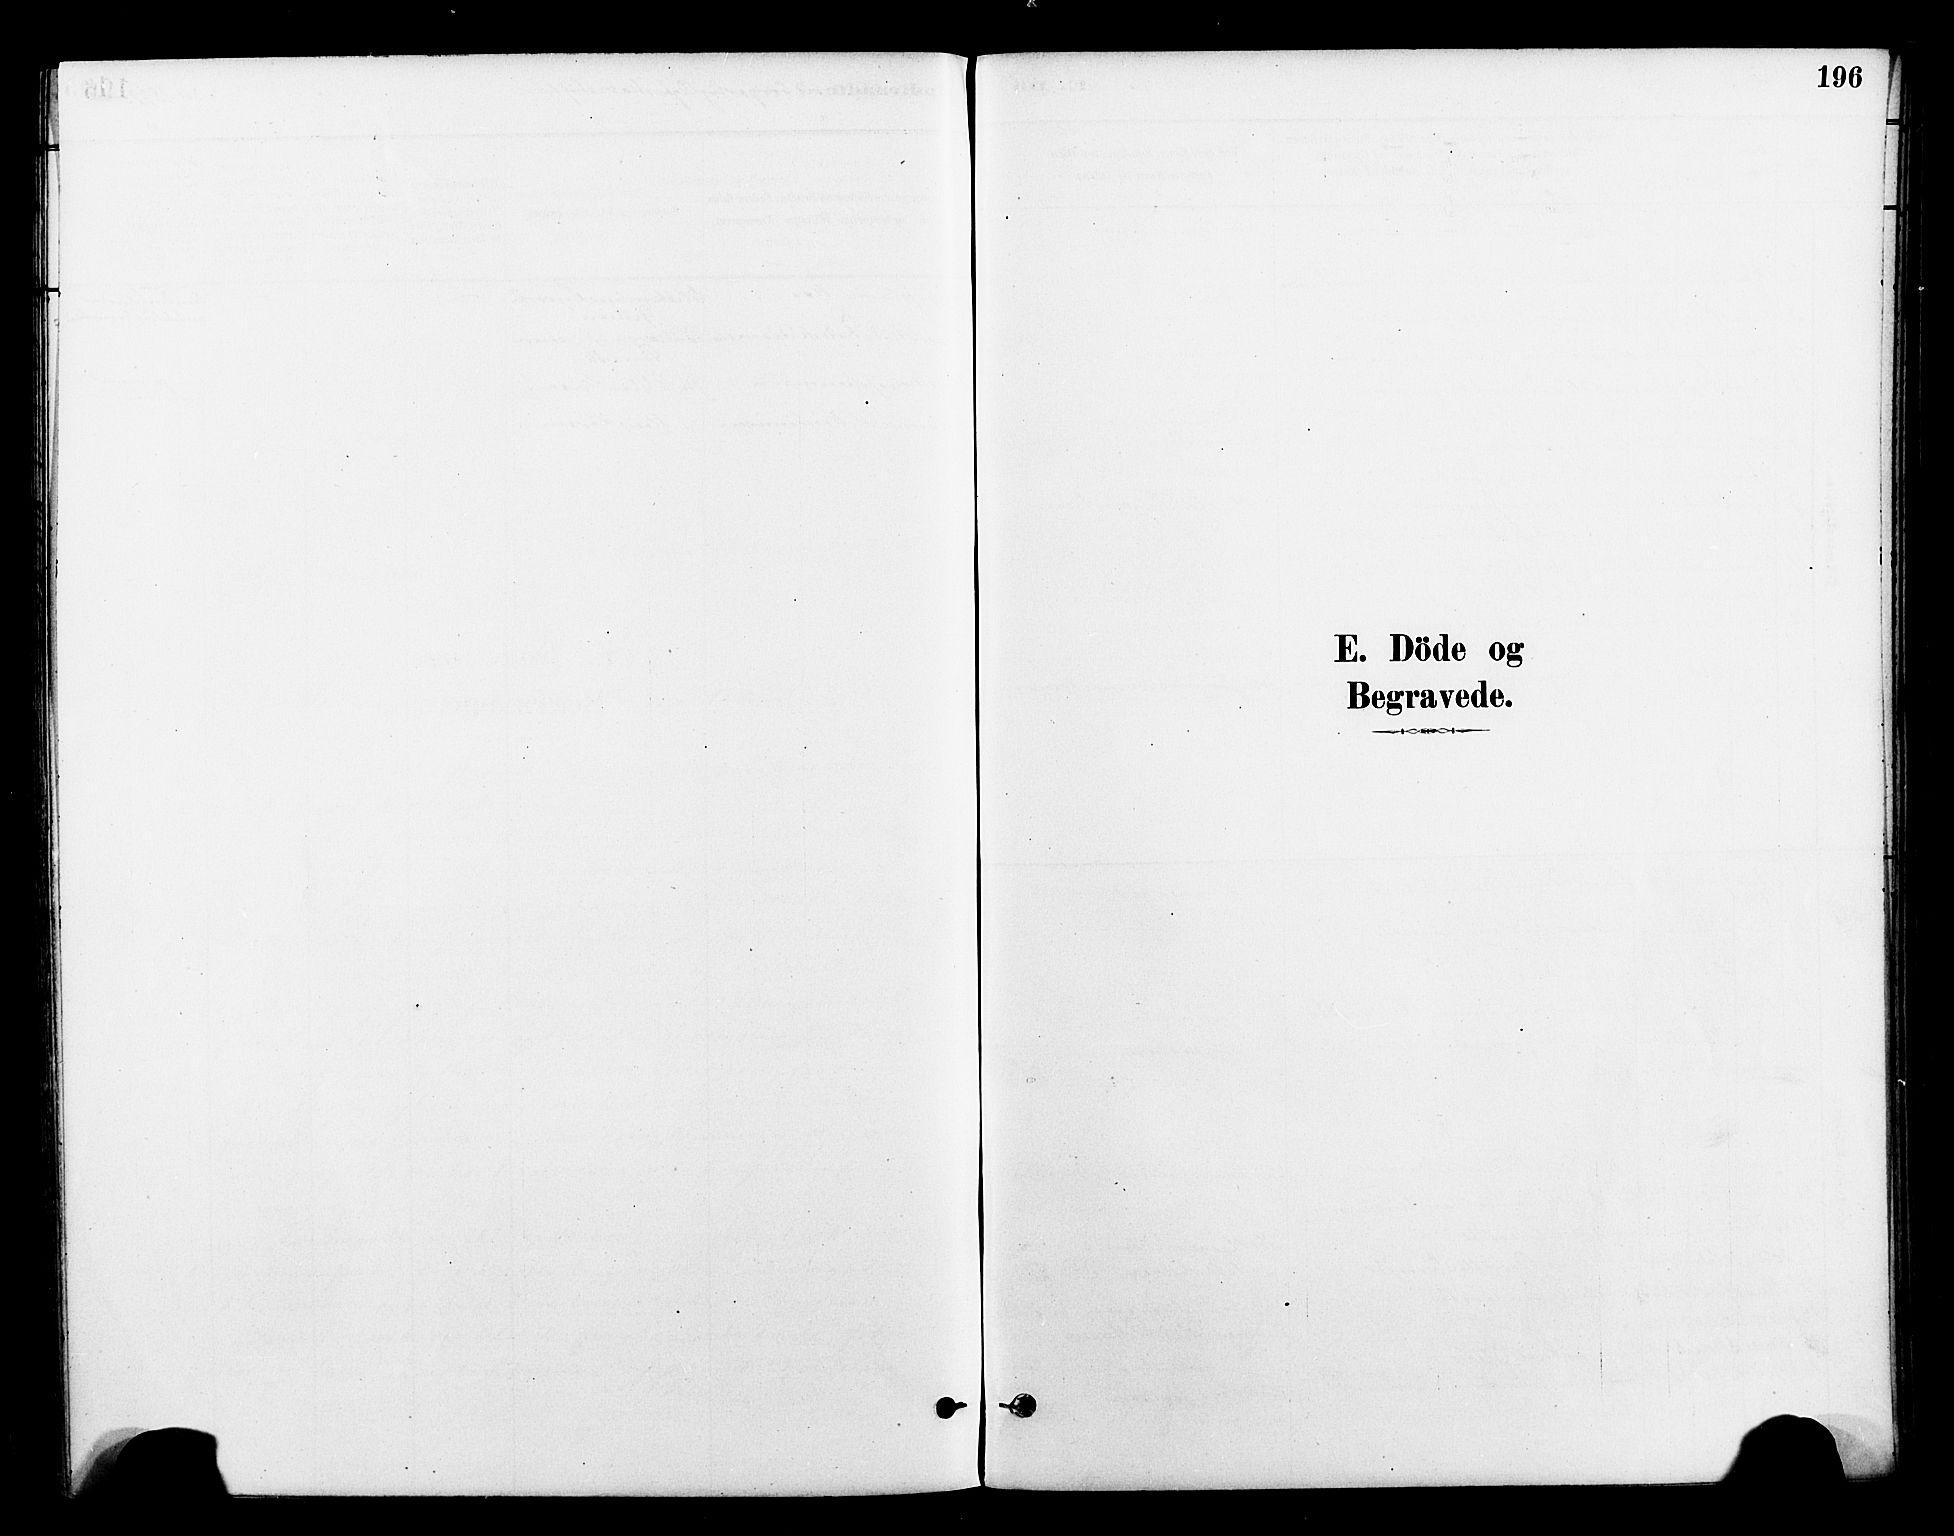 SAT, Ministerialprotokoller, klokkerbøker og fødselsregistre - Nord-Trøndelag, 712/L0100: Ministerialbok nr. 712A01, 1880-1900, s. 196